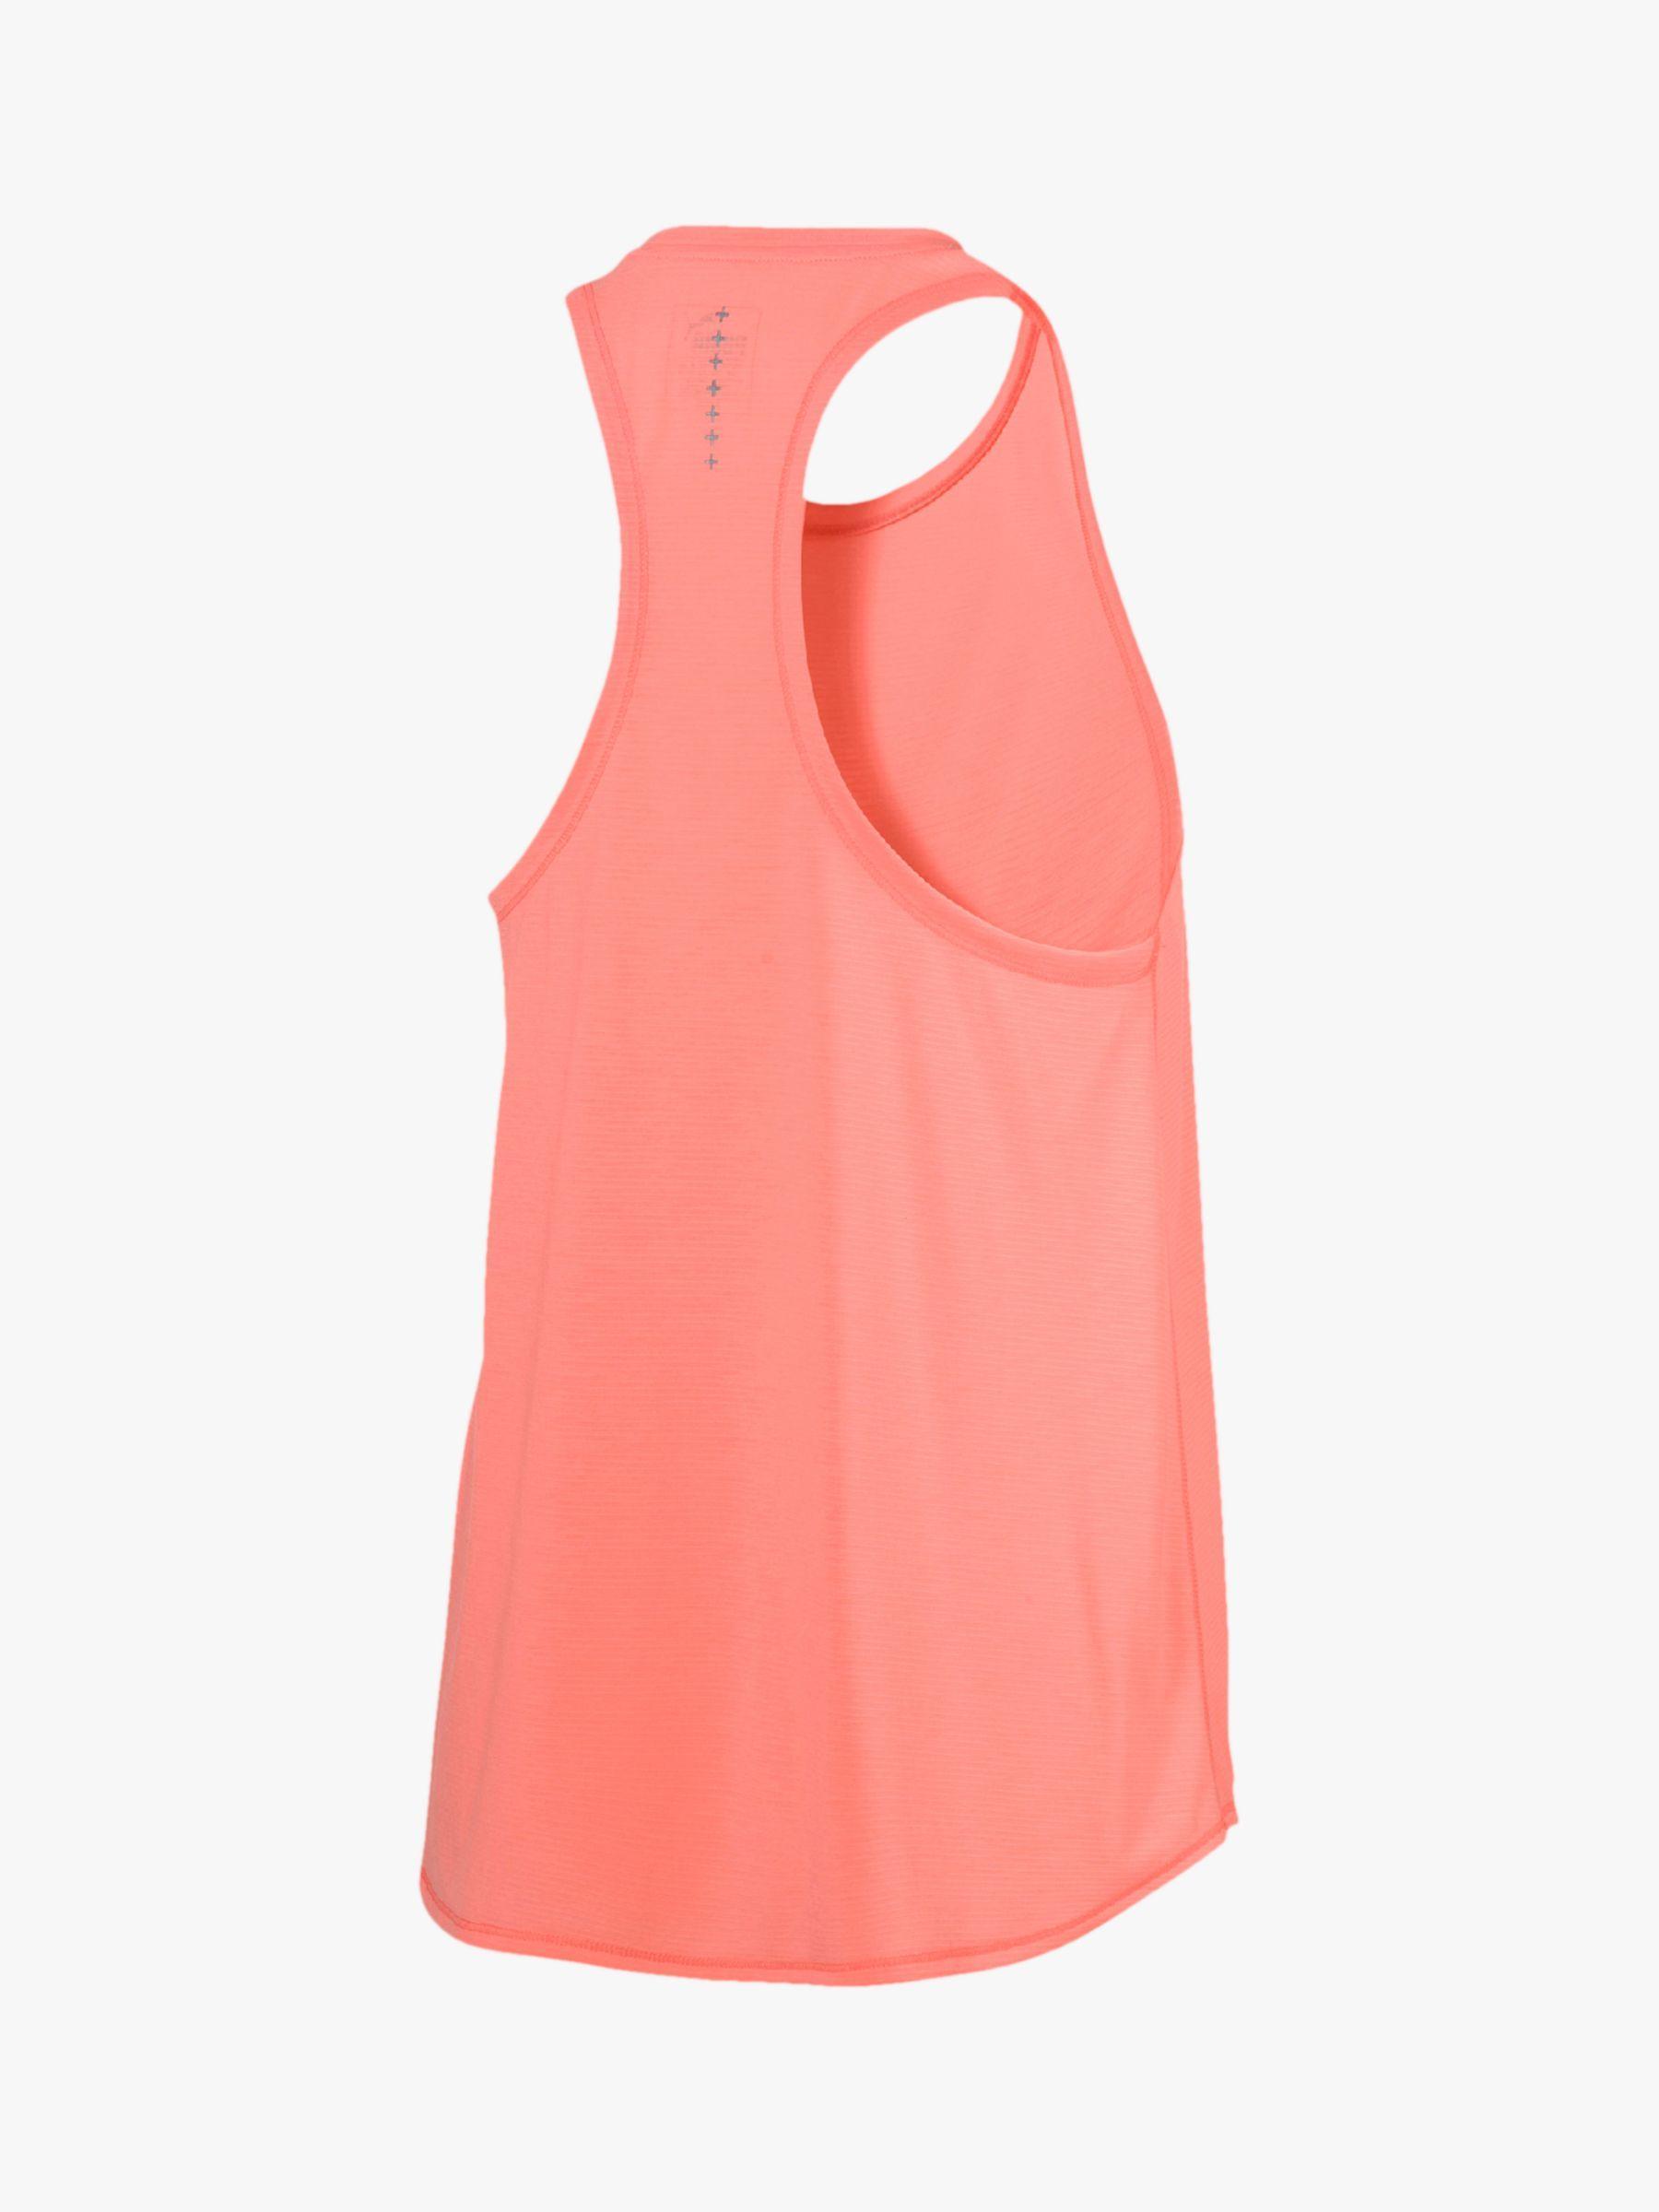 6f56d574 Puma Ignite Mono Running Tank Top in Pink - Lyst